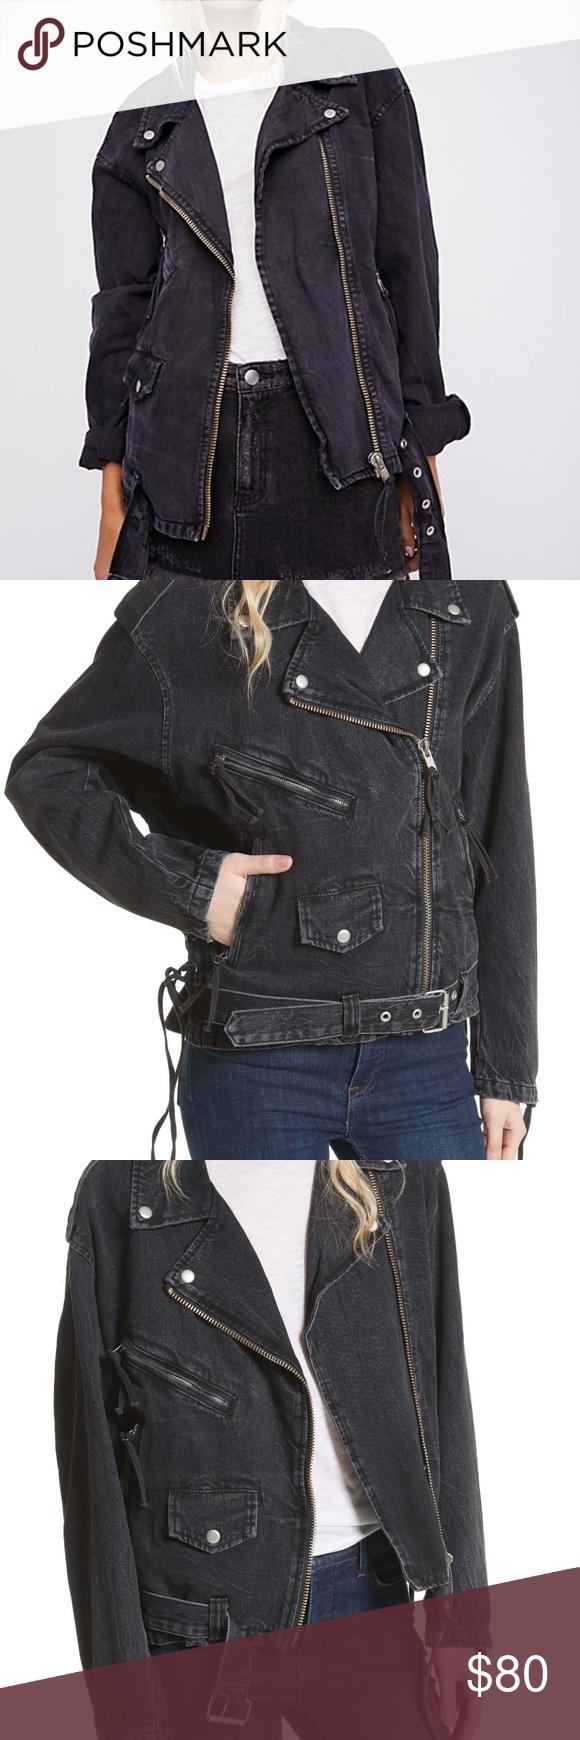 Free People Oversized Moto Lace Up Denim Jacket Fashion Clothes Design Black Denim Jacket